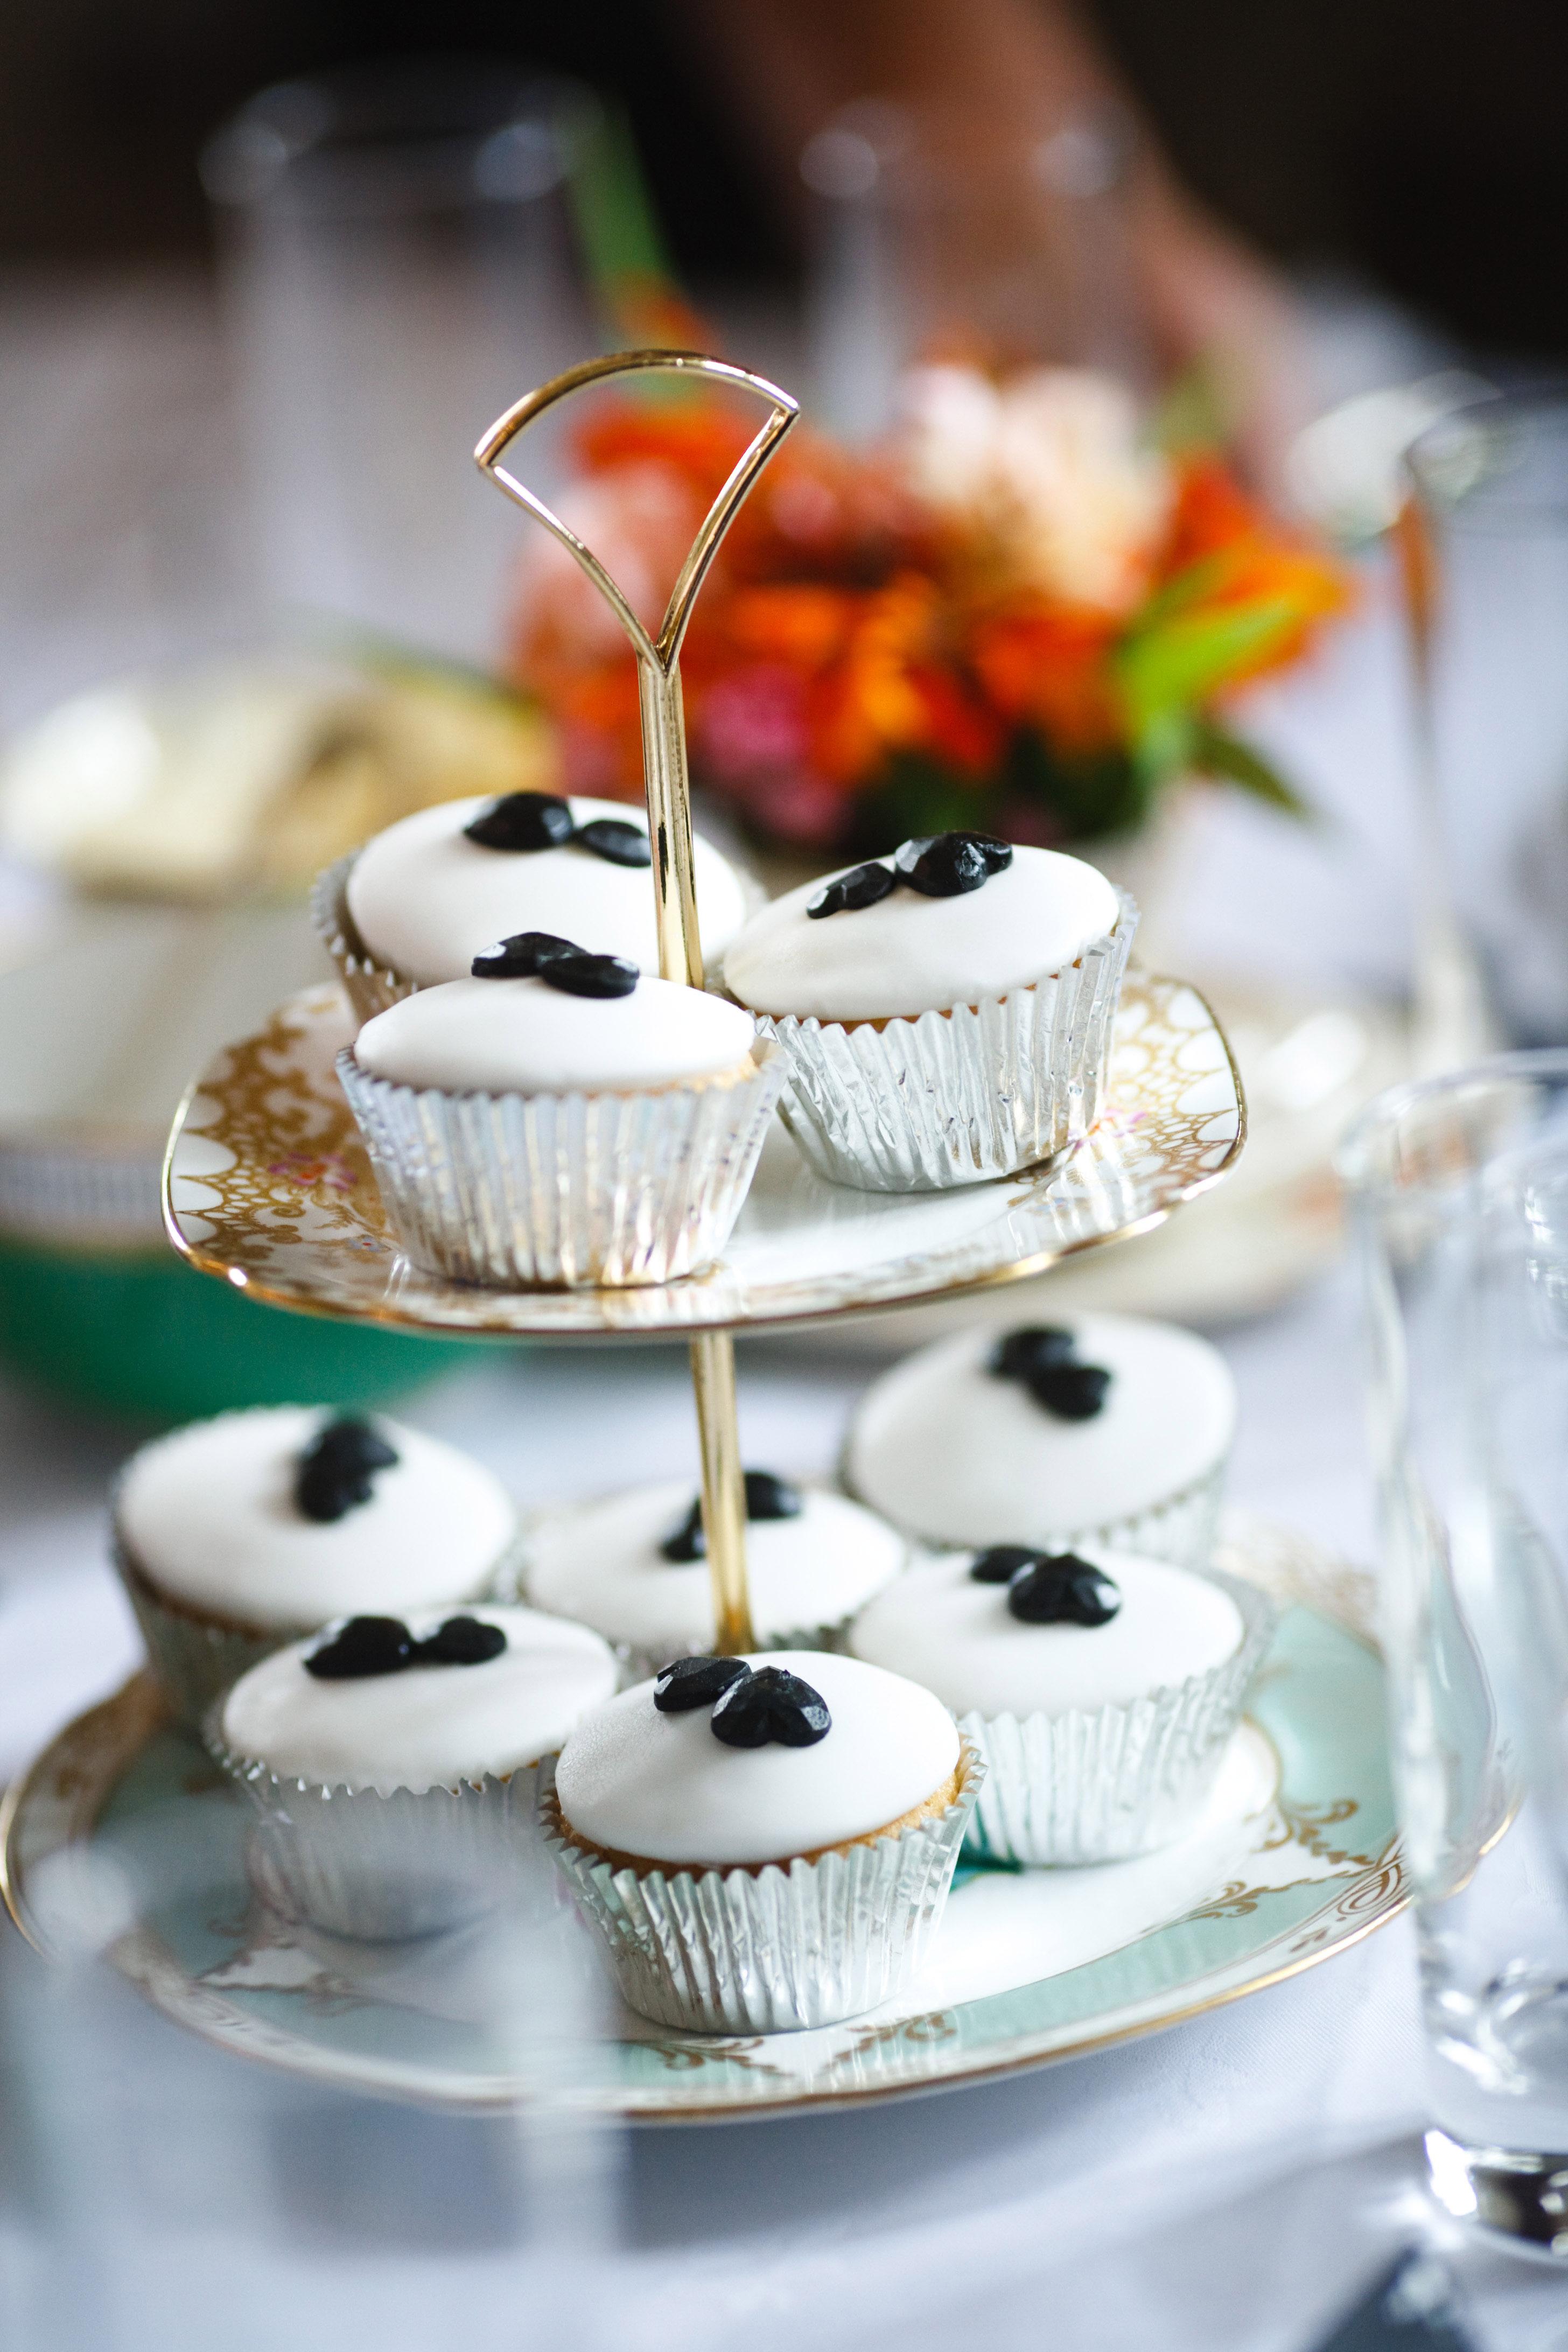 Bespoke cake stands from Vintage Tea Sets